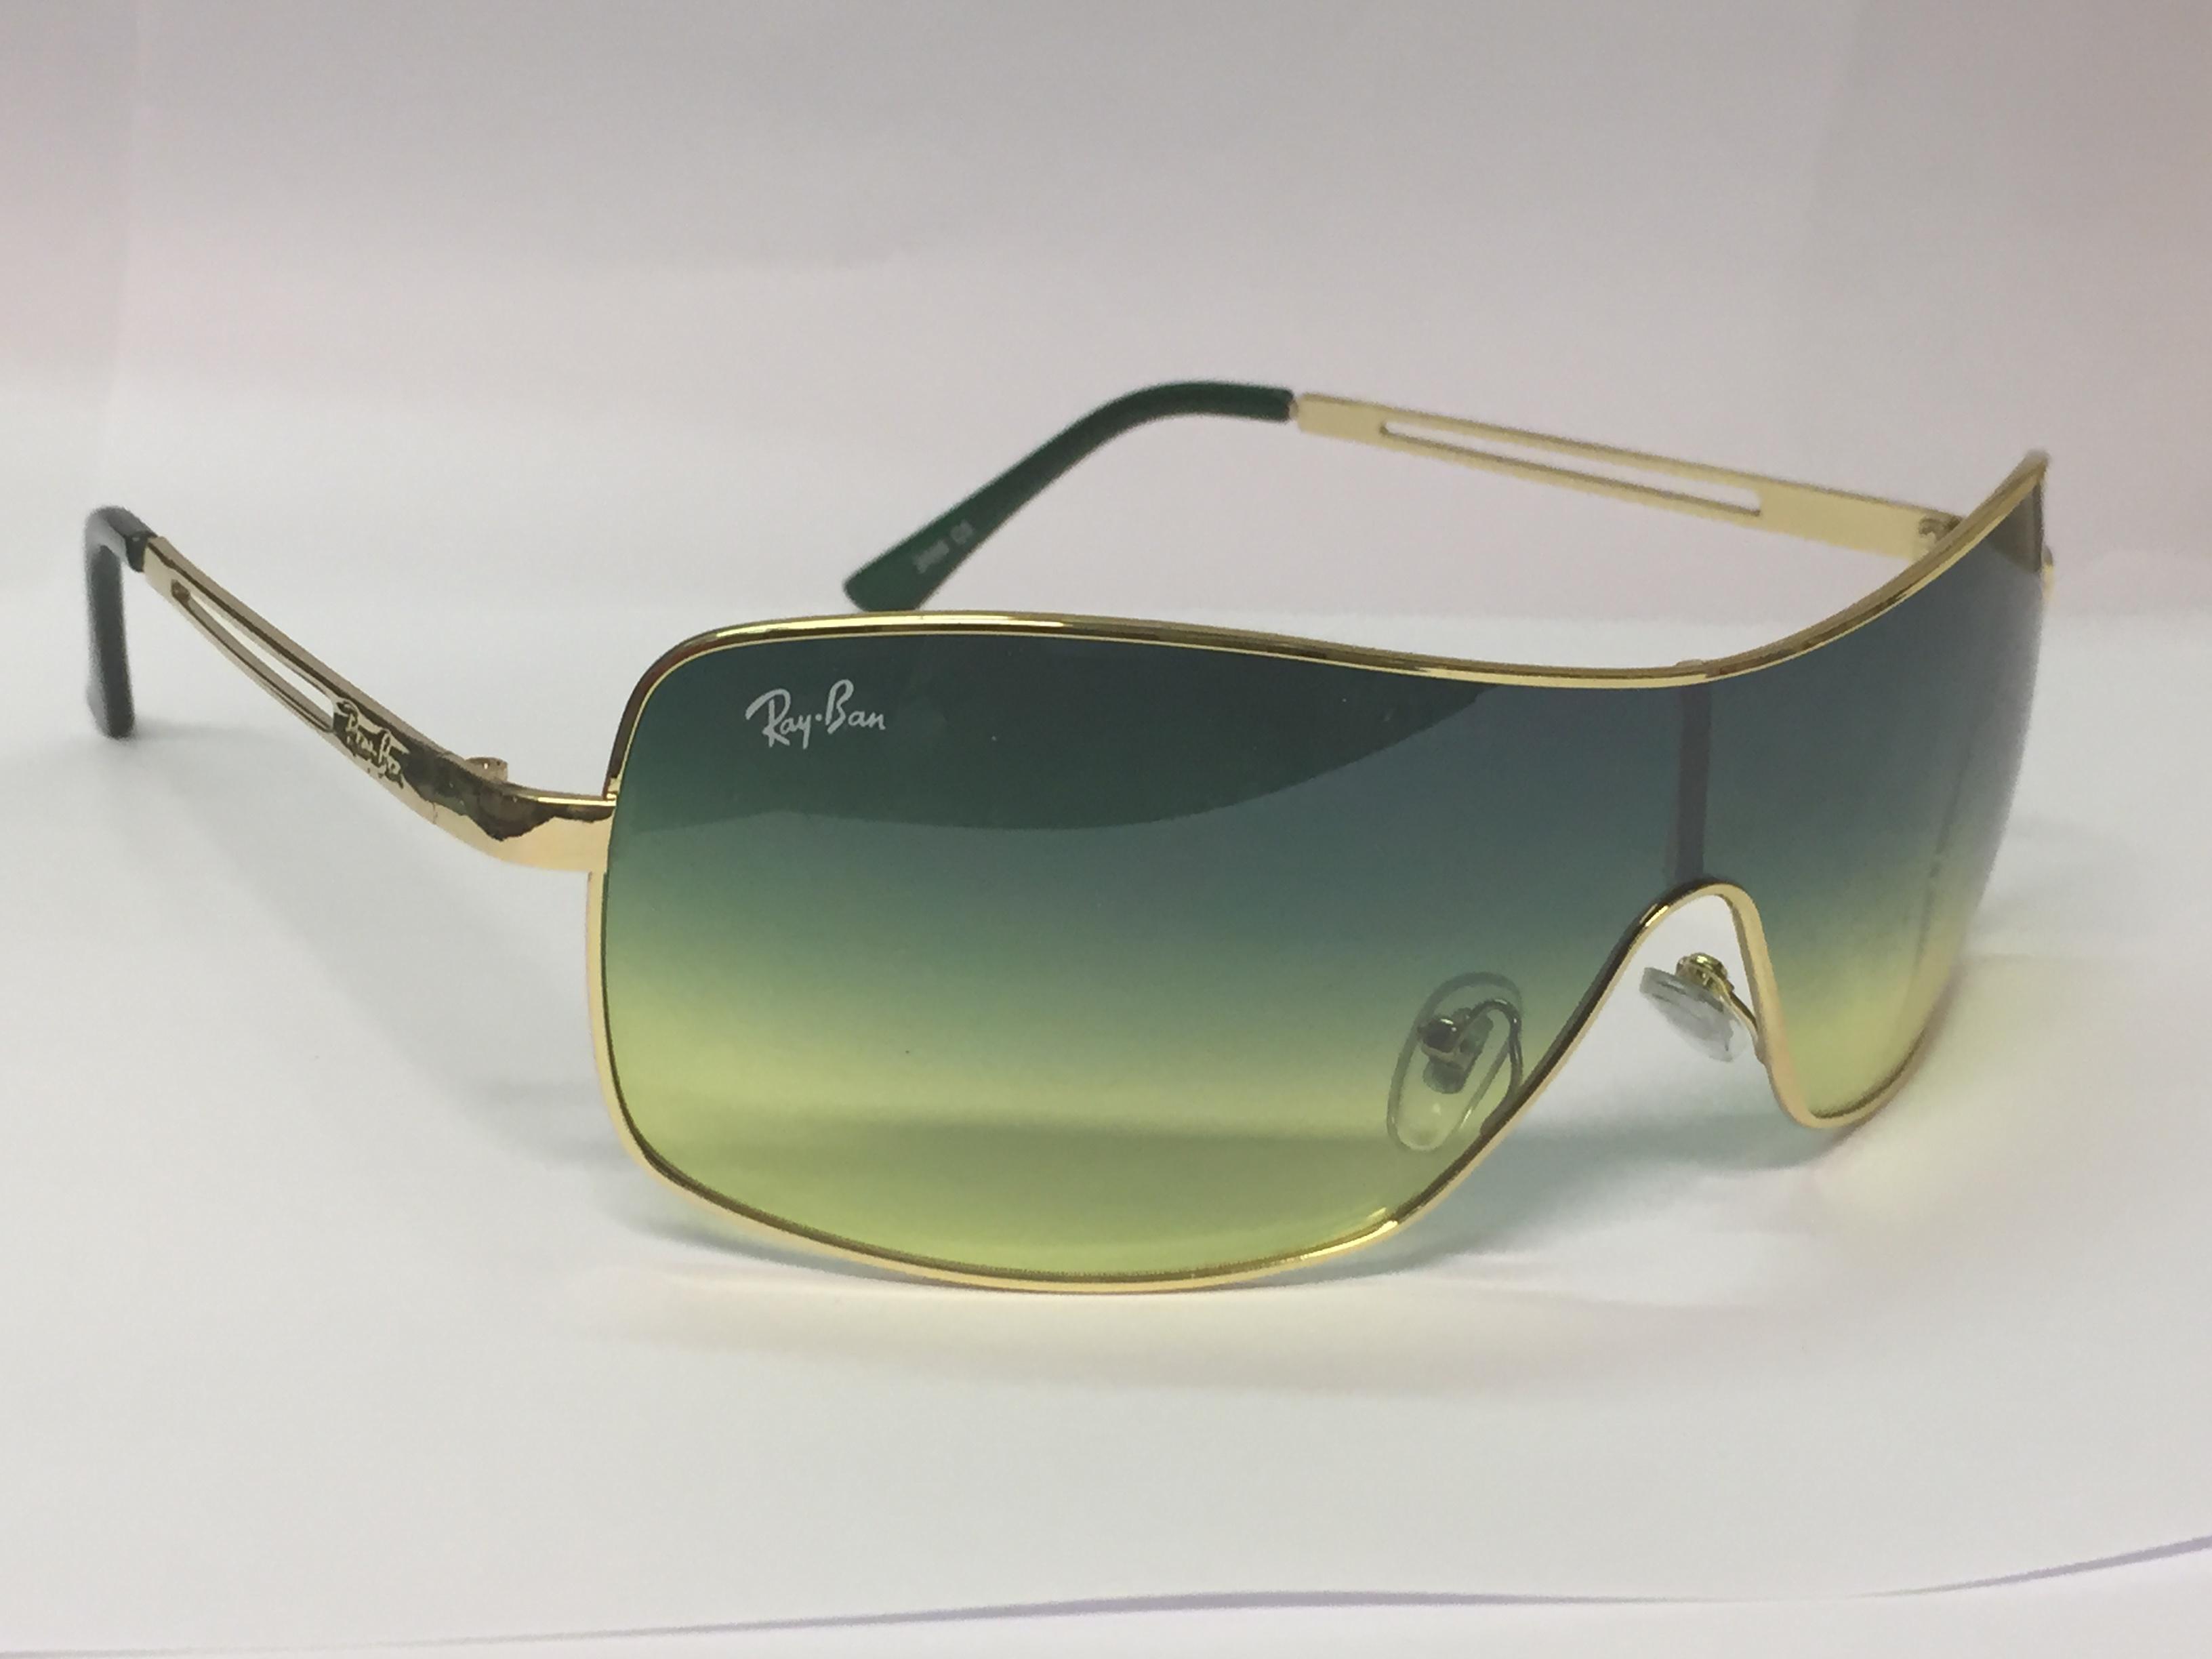 Сбор заказов. Солнцезащитные очки для всей семьи, по очень приятным ценам от 90 руб. Выкуп 2